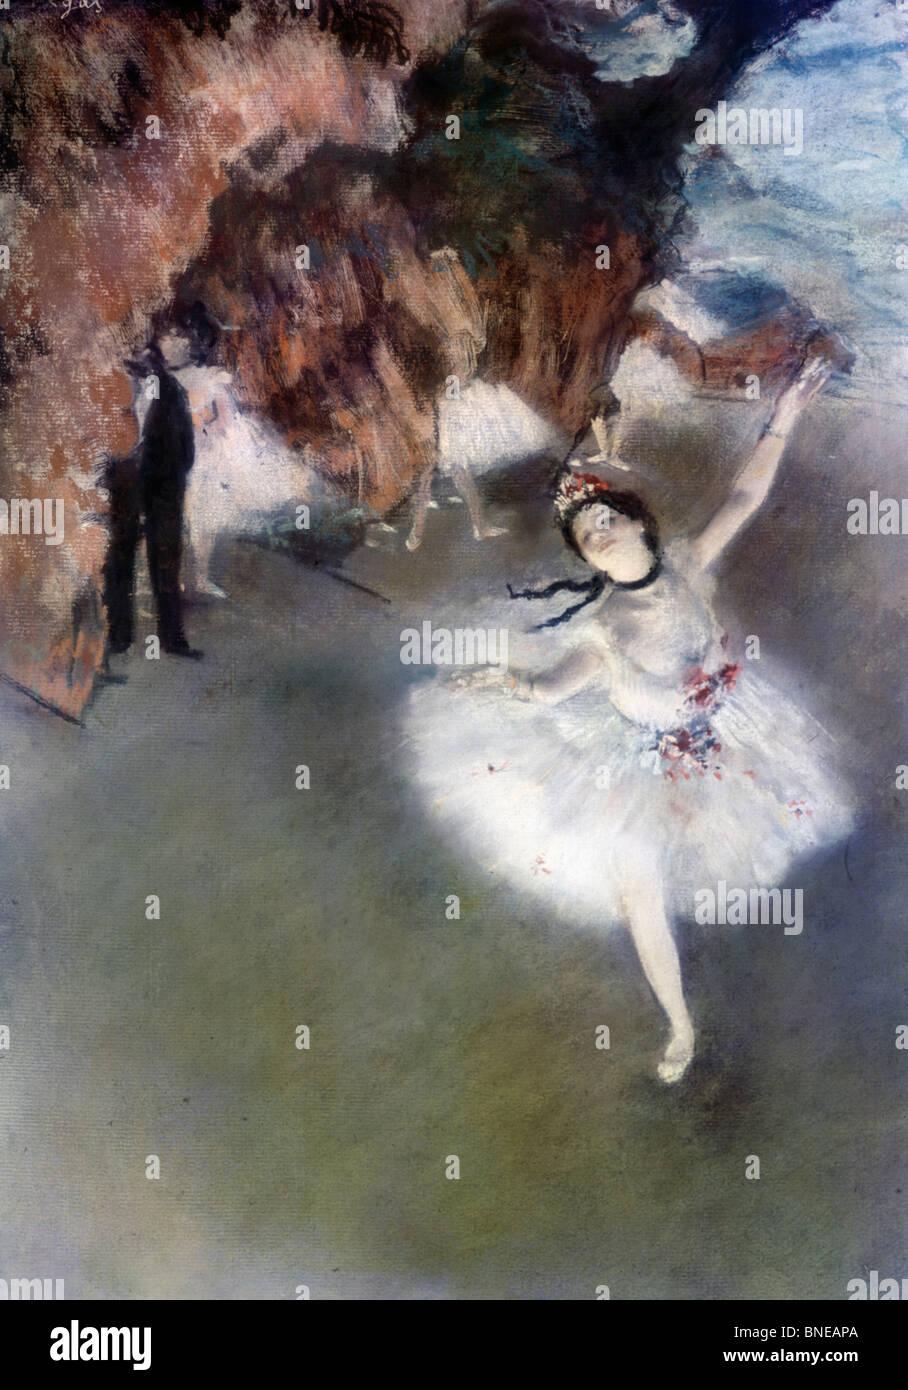 Danseuse Sur la scène L'etoile, par Edgar Degas 1834-1917, France, Paris, Musée d'Orsay, vers 1878 Banque D'Images